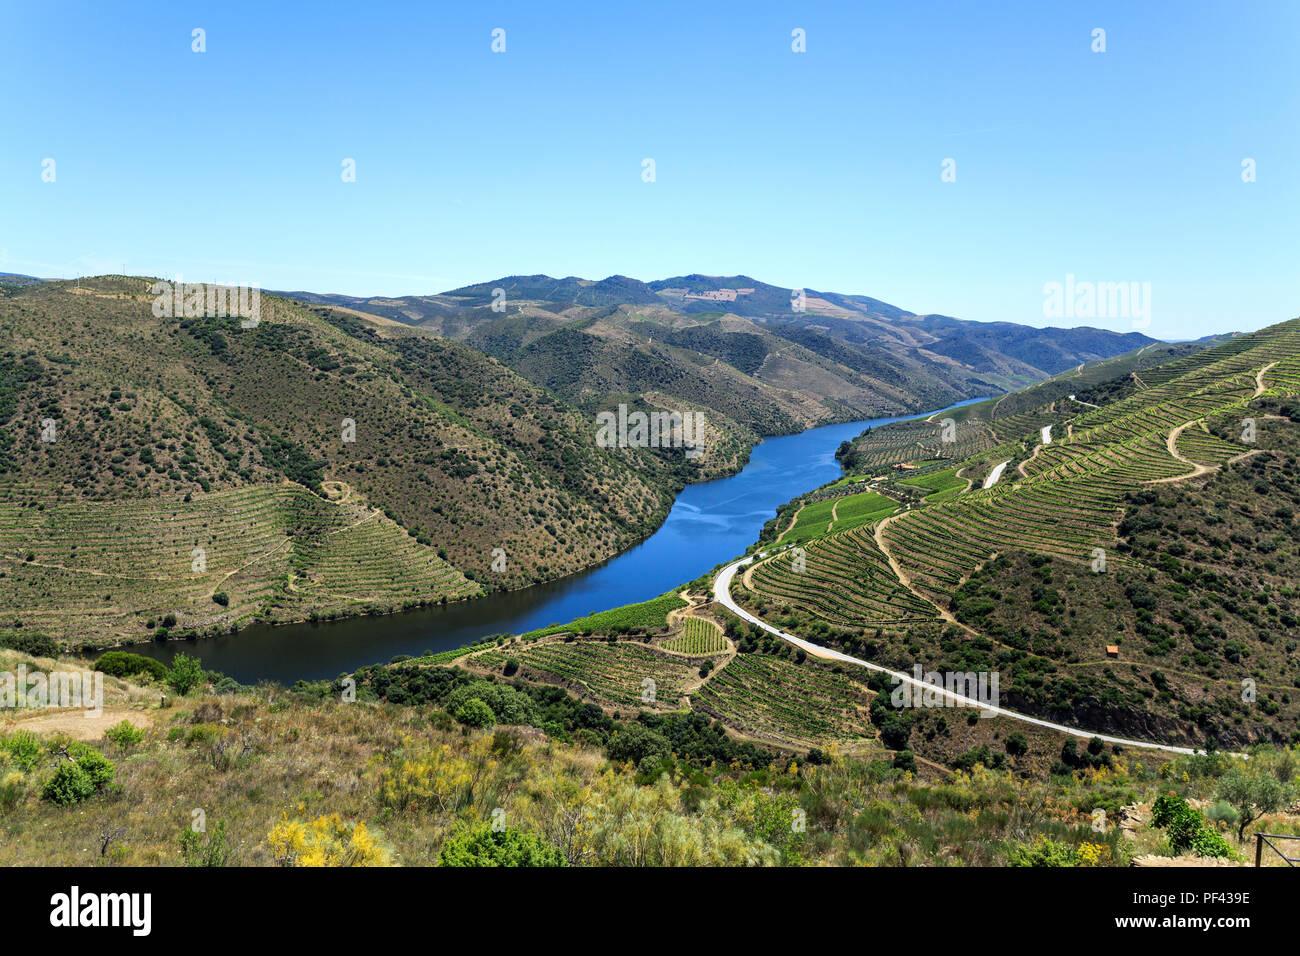 Magnífica Vista De La Baja Altitud Schisty Colinas Terrazas